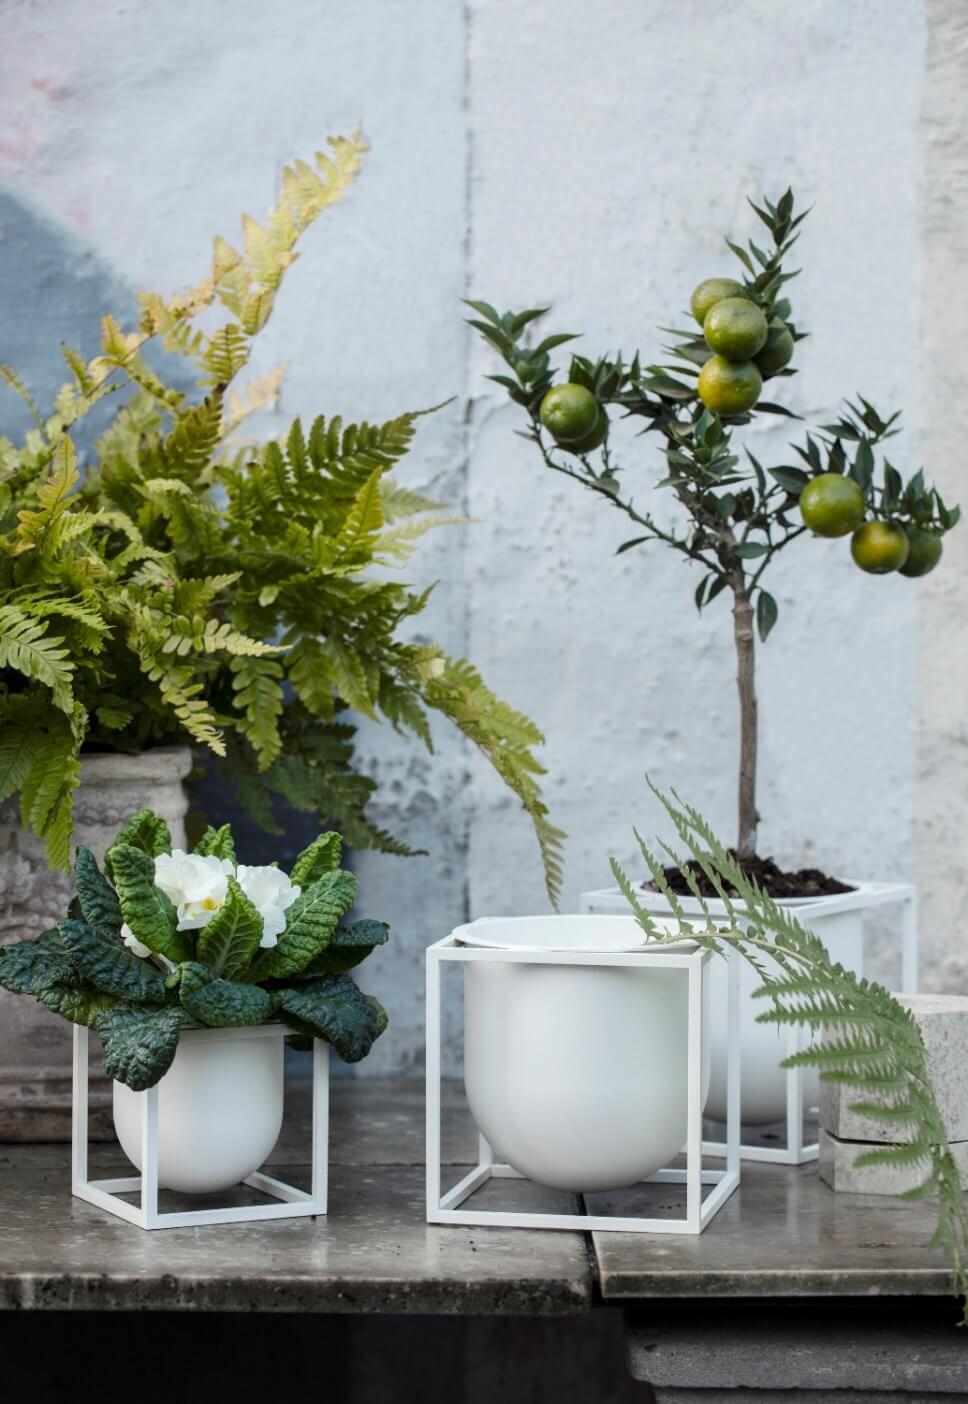 Farn, Zitrus- und Blühpflanzen in Schalen, die in weißen Eisenkuben hängen